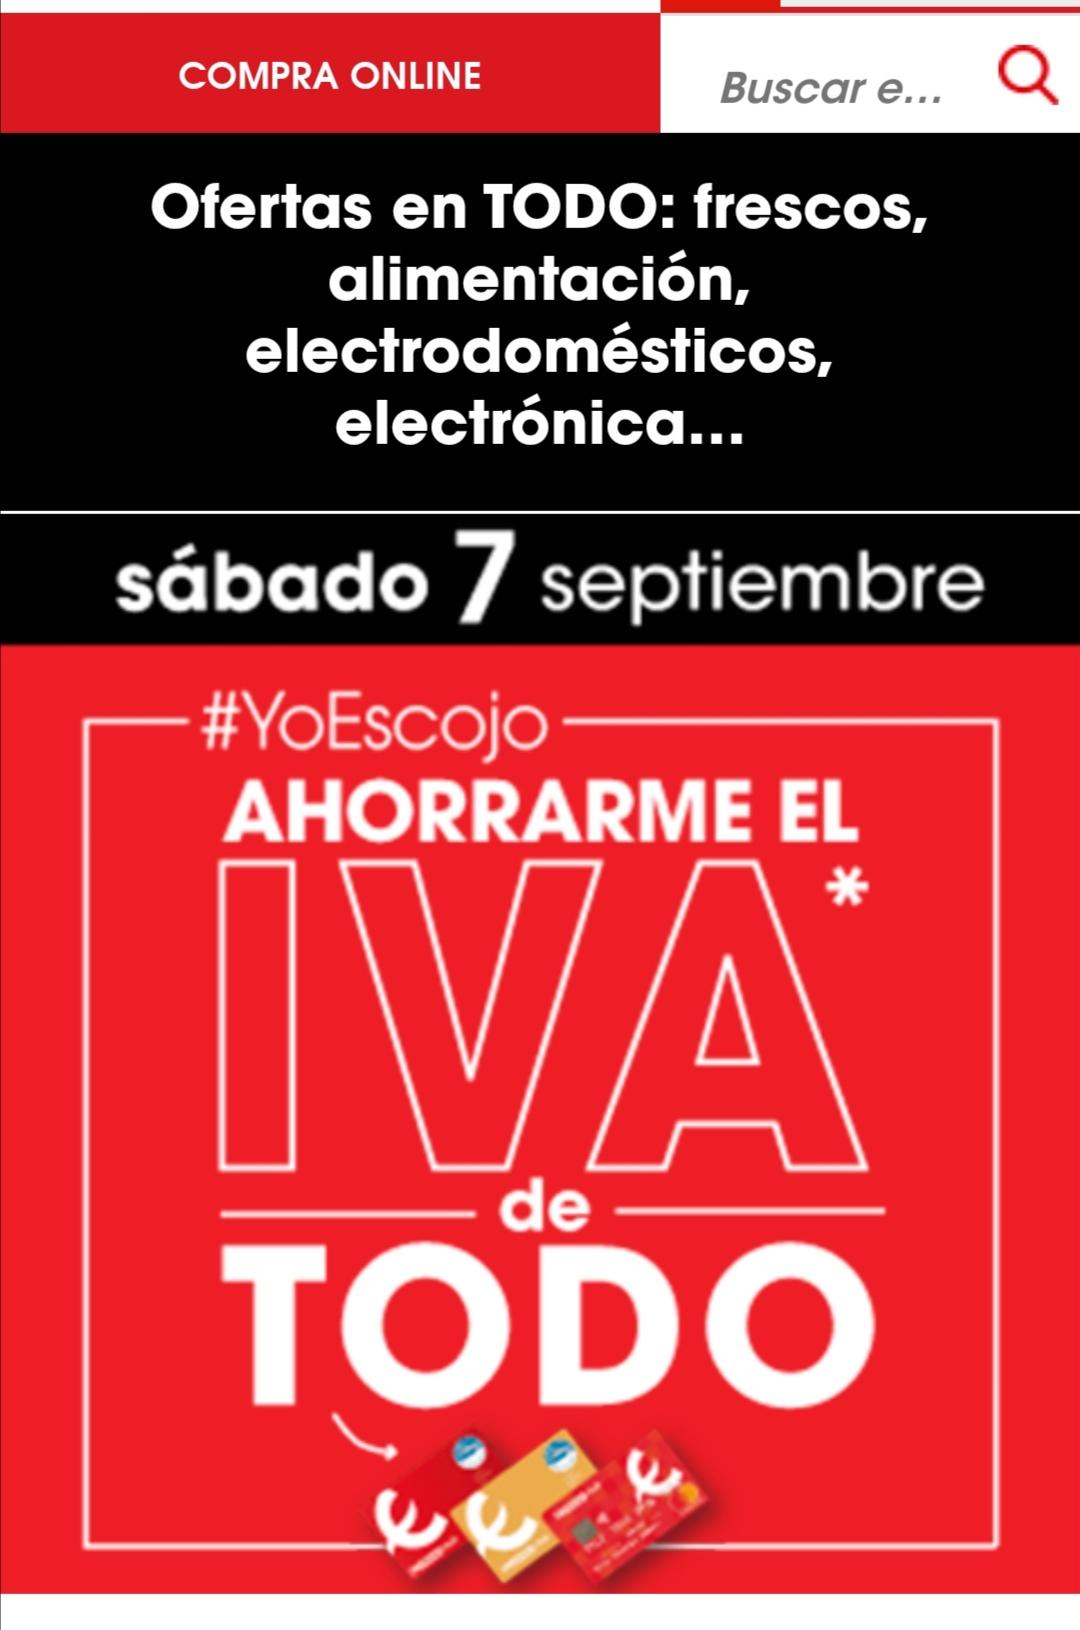 Devolución IVA en todo en supermercados eroski el sábado 7 de septiembre